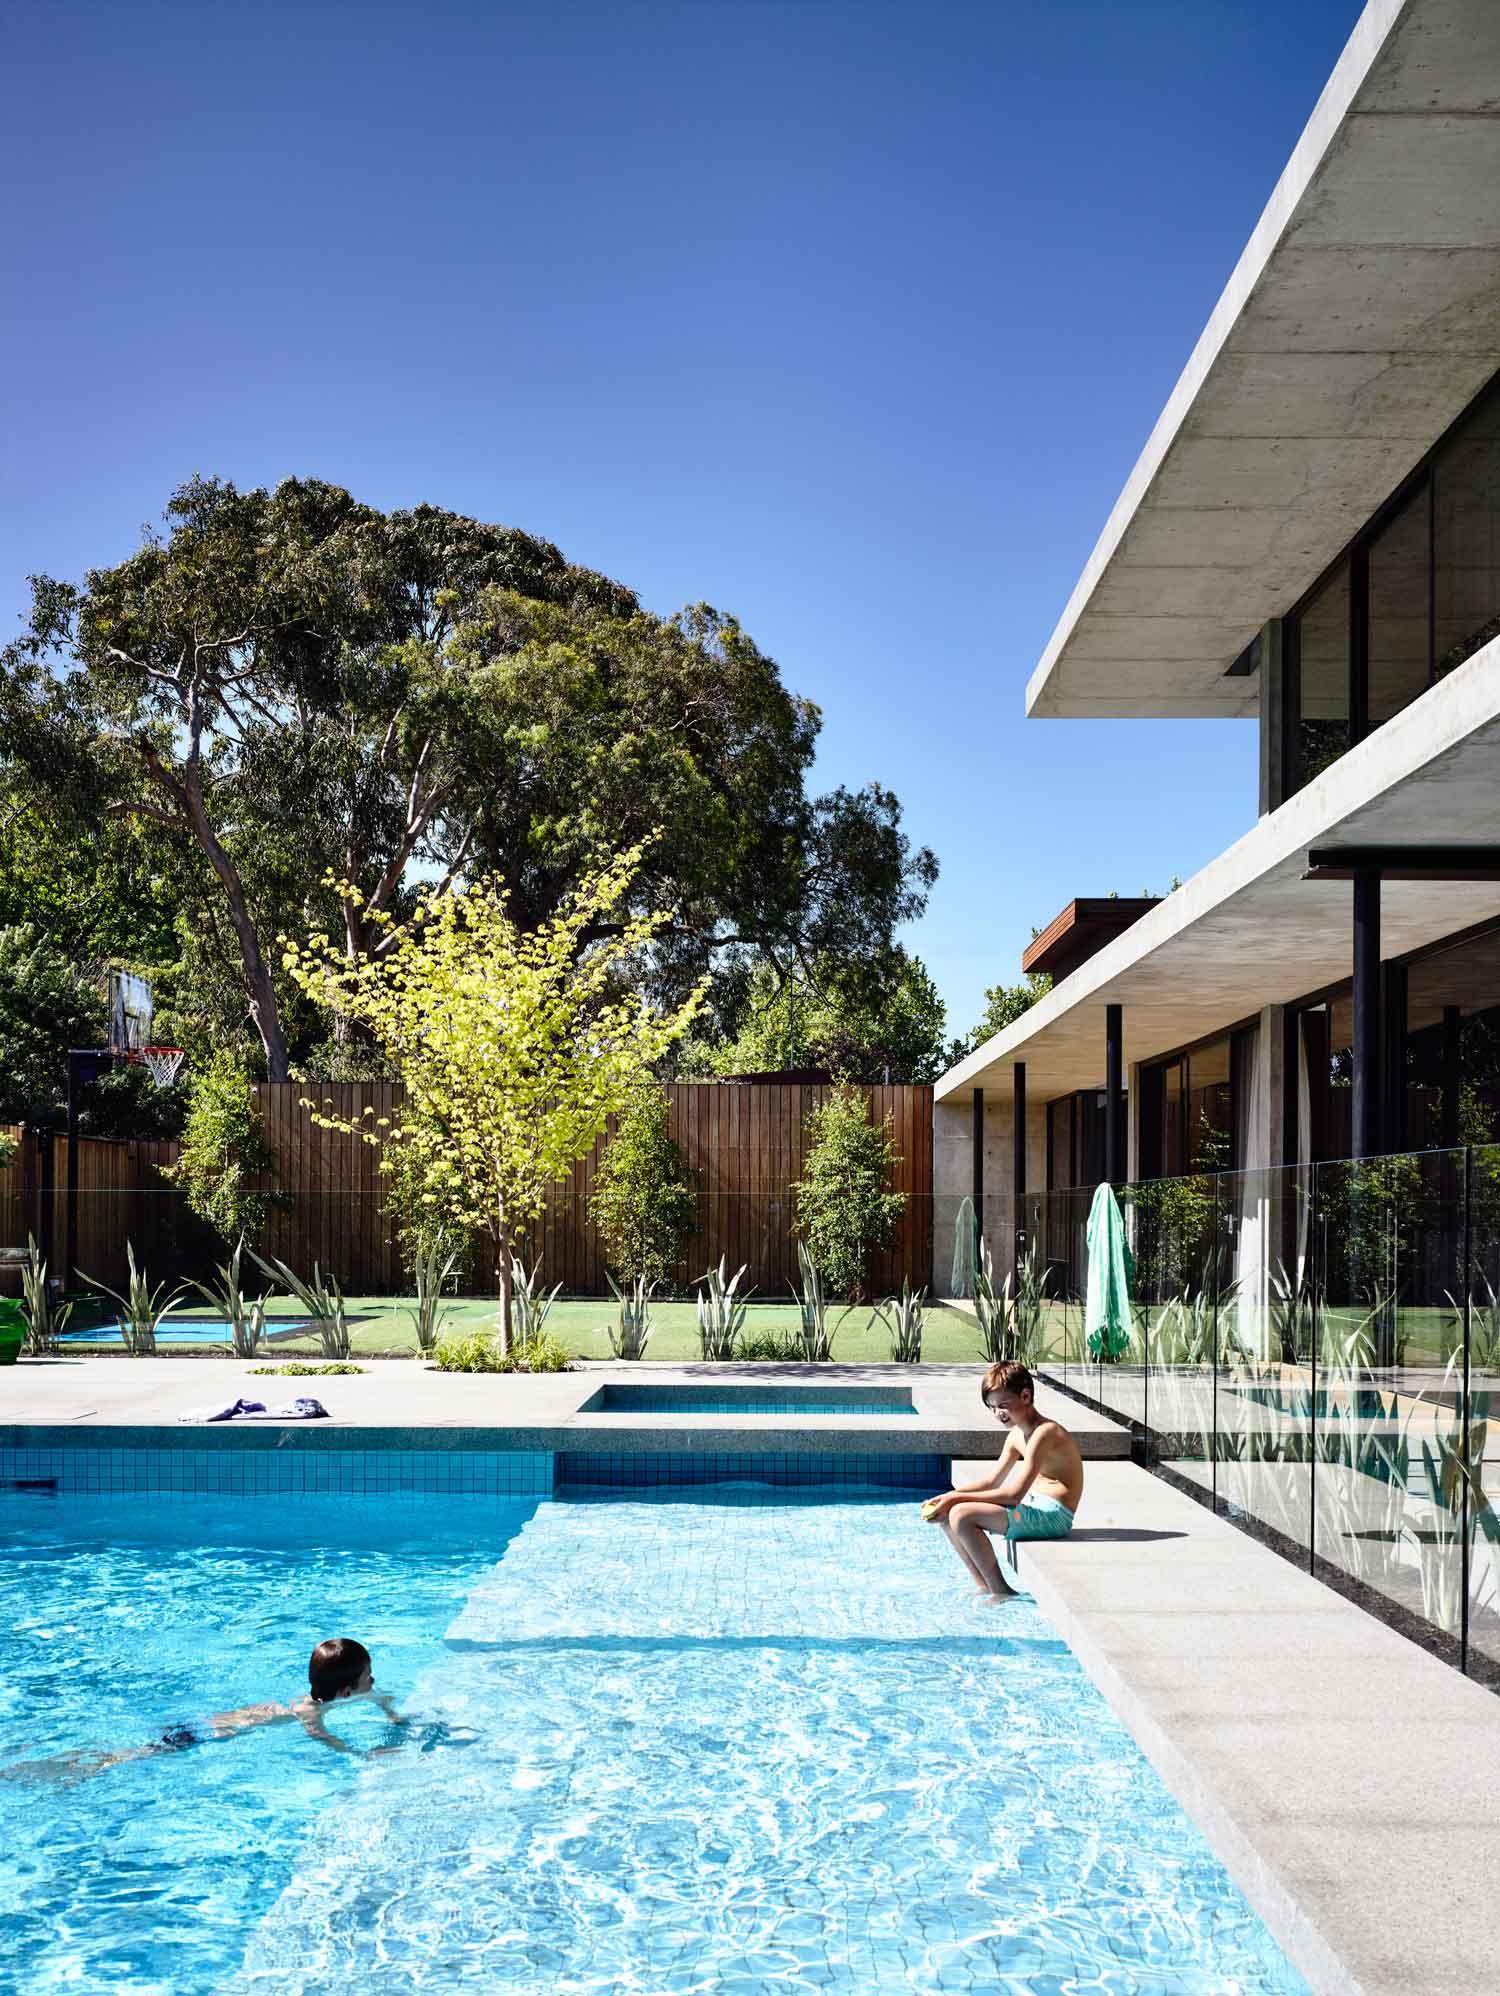 Maison Toit Plat Baies Vitrees : Maison contemporaine design luxe toit plat toute grise